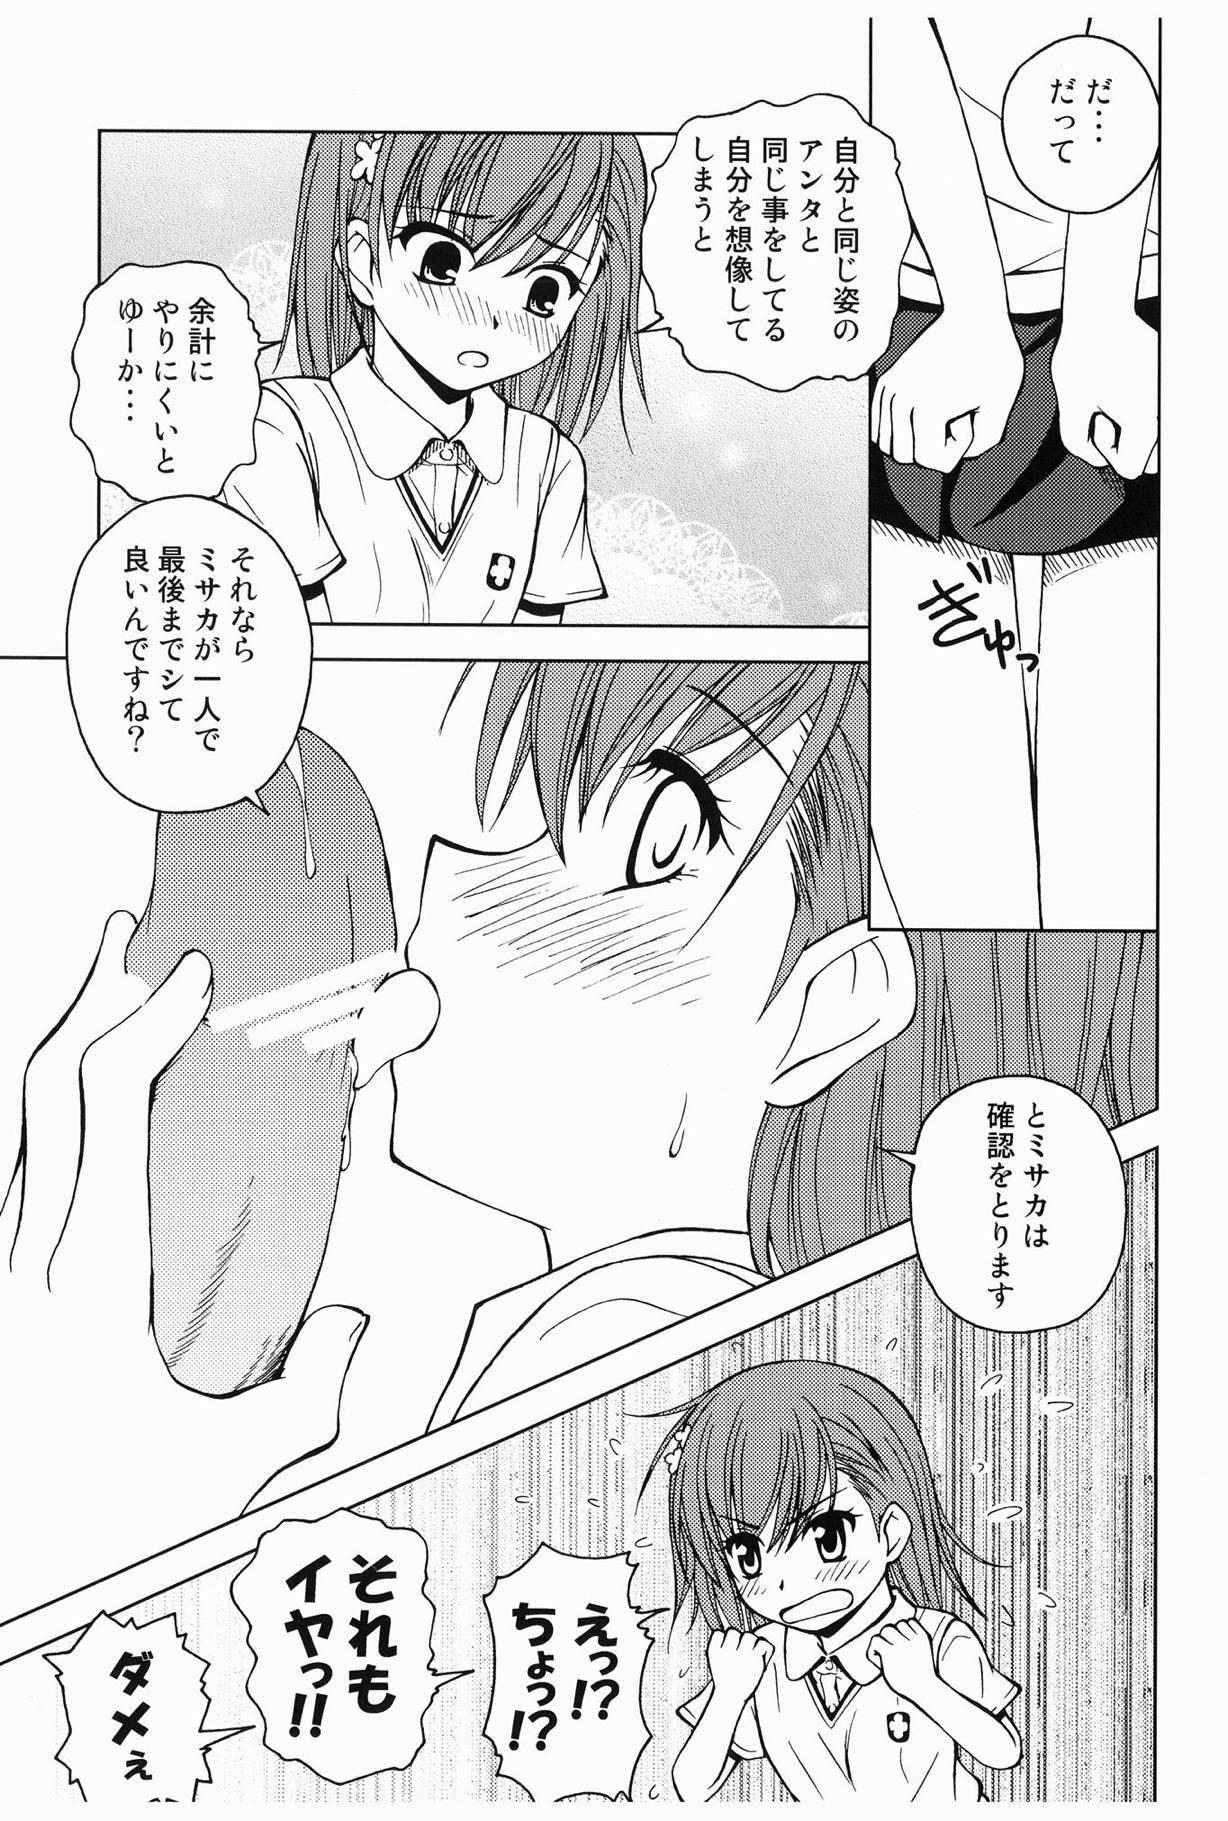 Touma to Misaka to Railgun 3